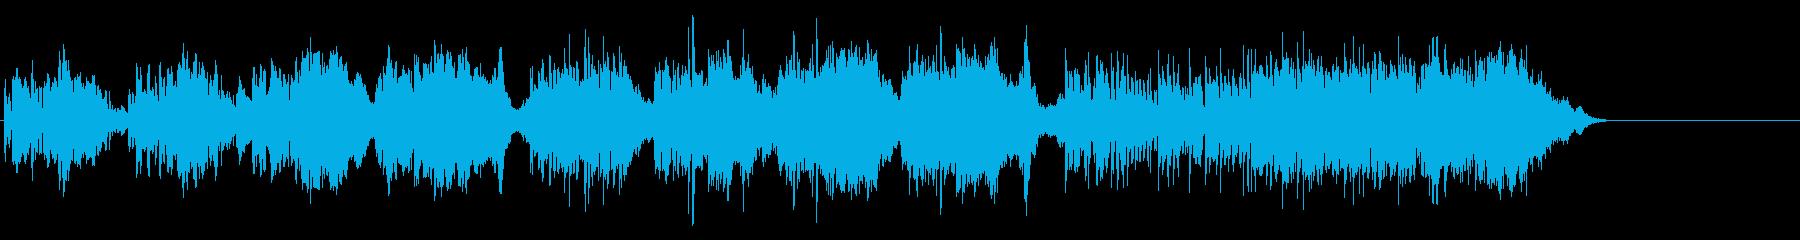 ドキュメント風環境音楽の再生済みの波形